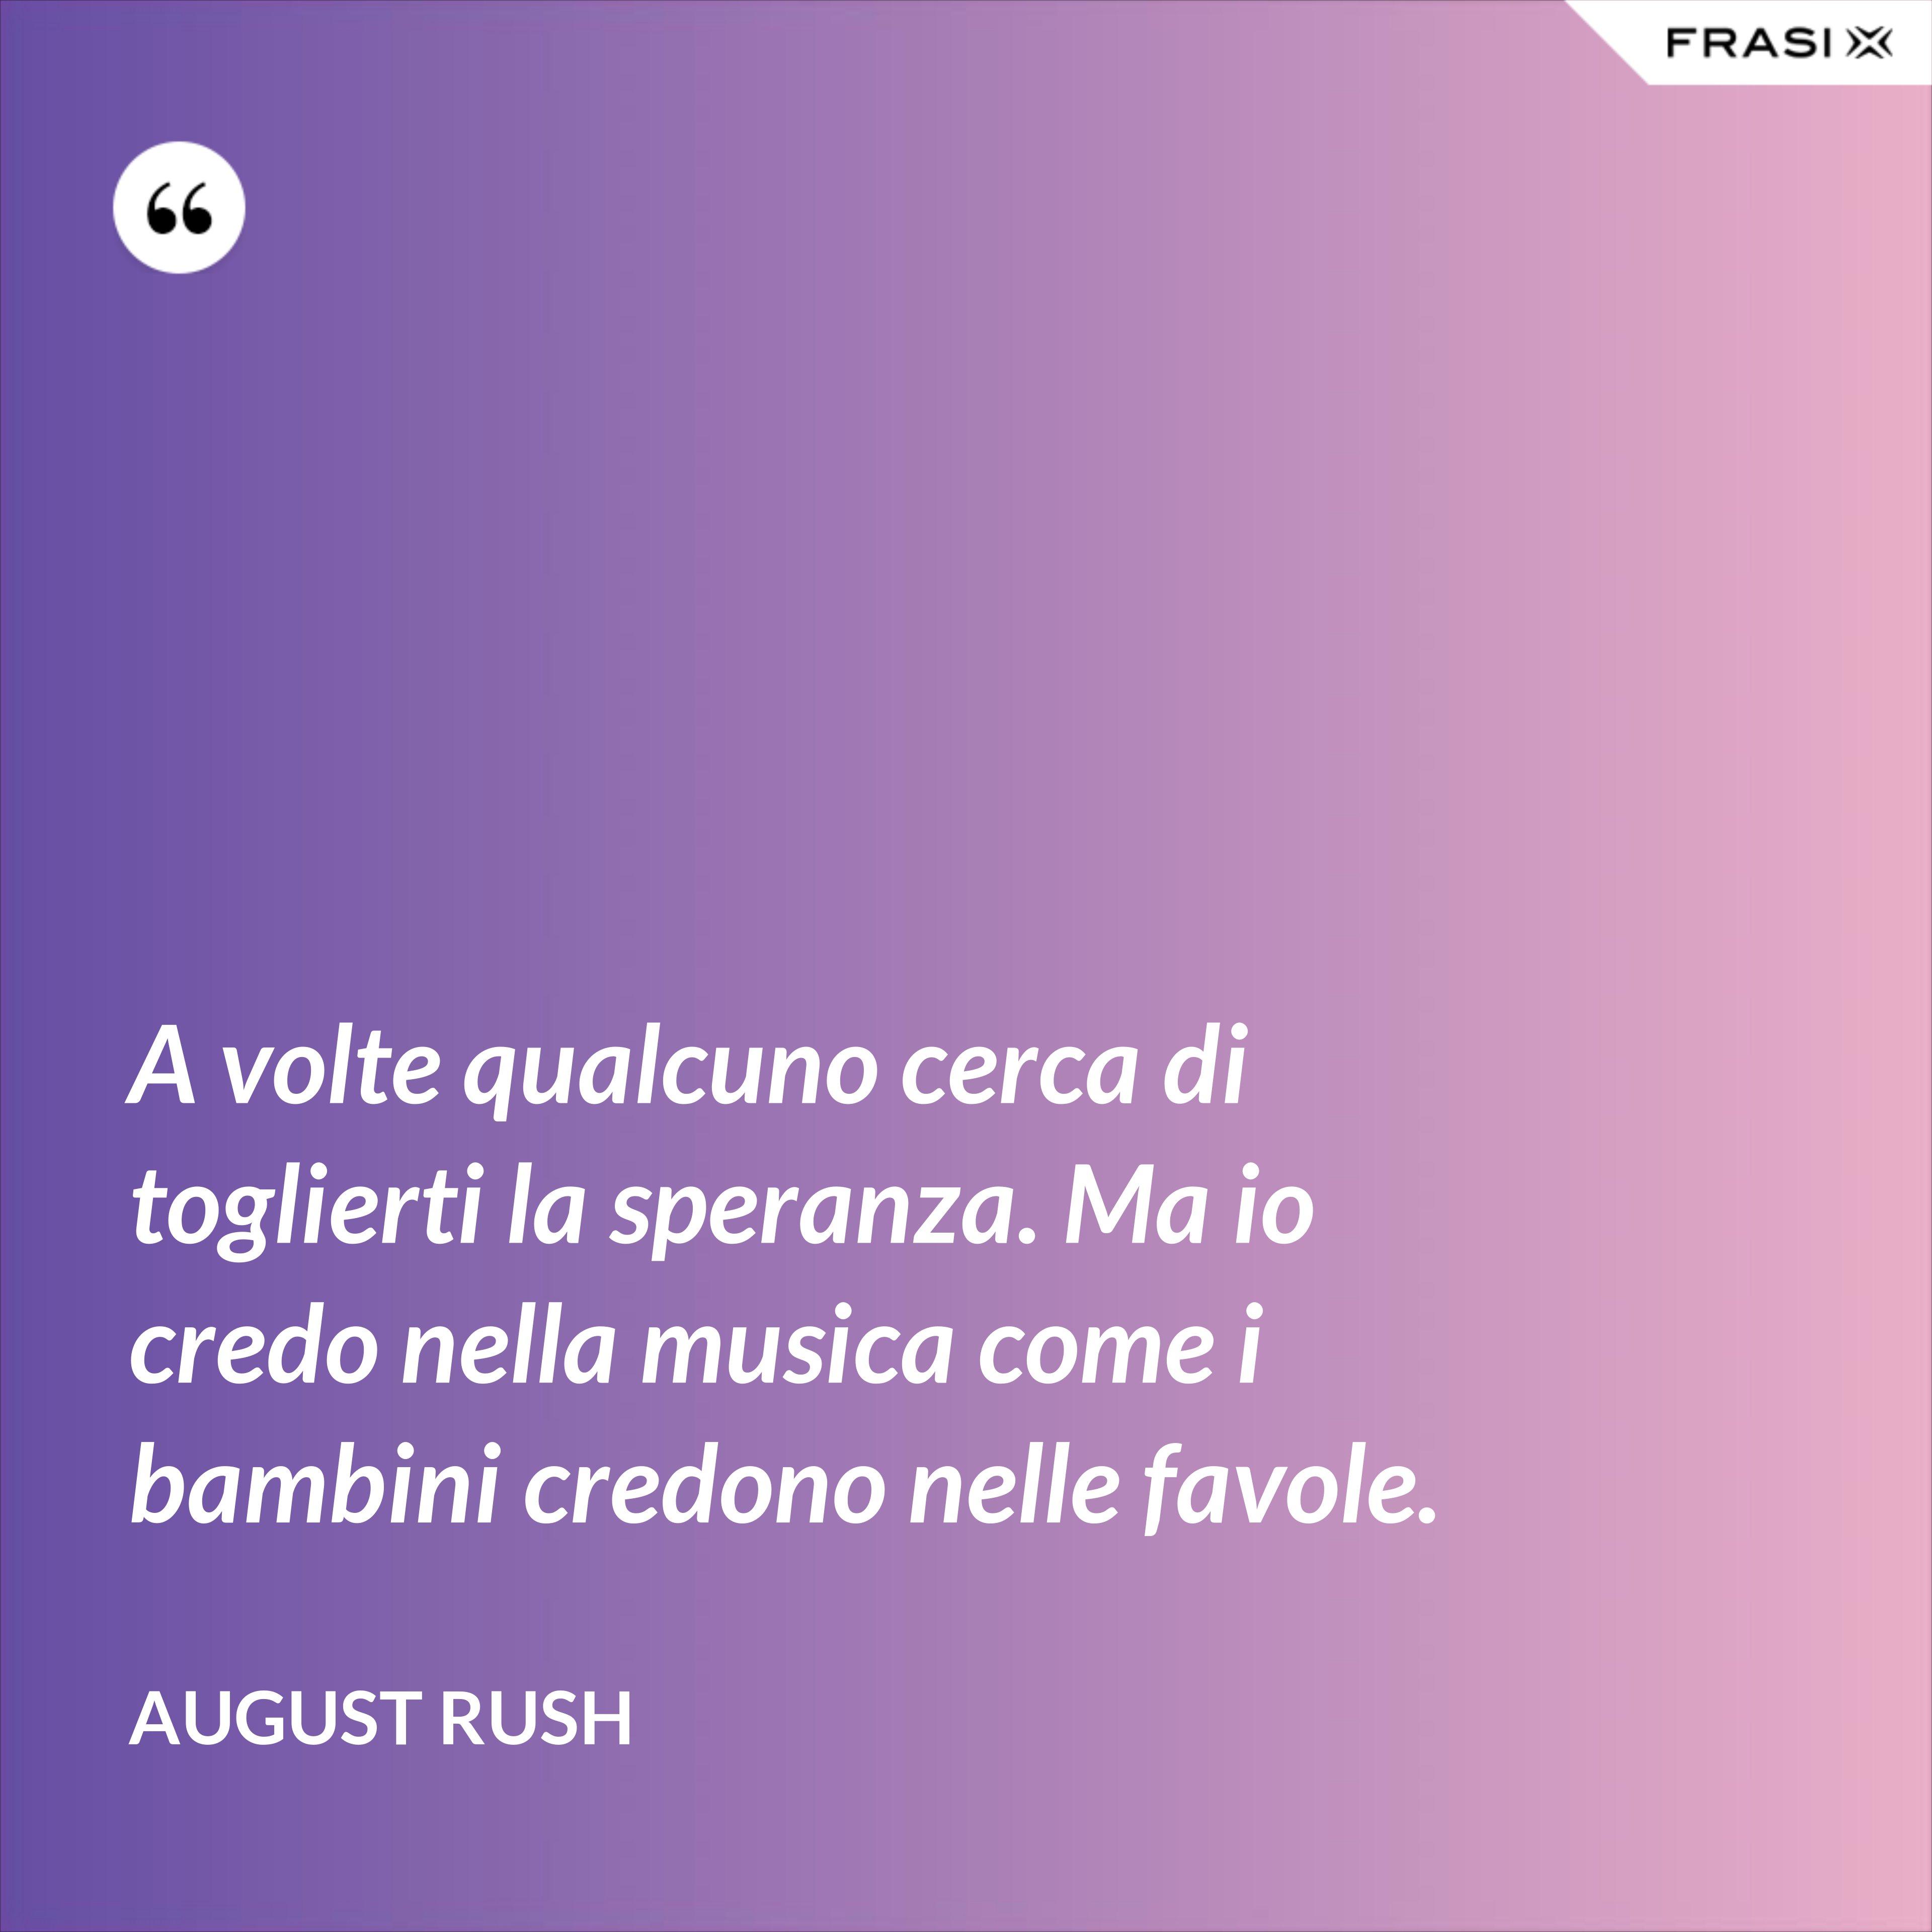 A volte qualcuno cerca di toglierti la speranza. Ma io credo nella musica come i bambini credono nelle favole. - August Rush